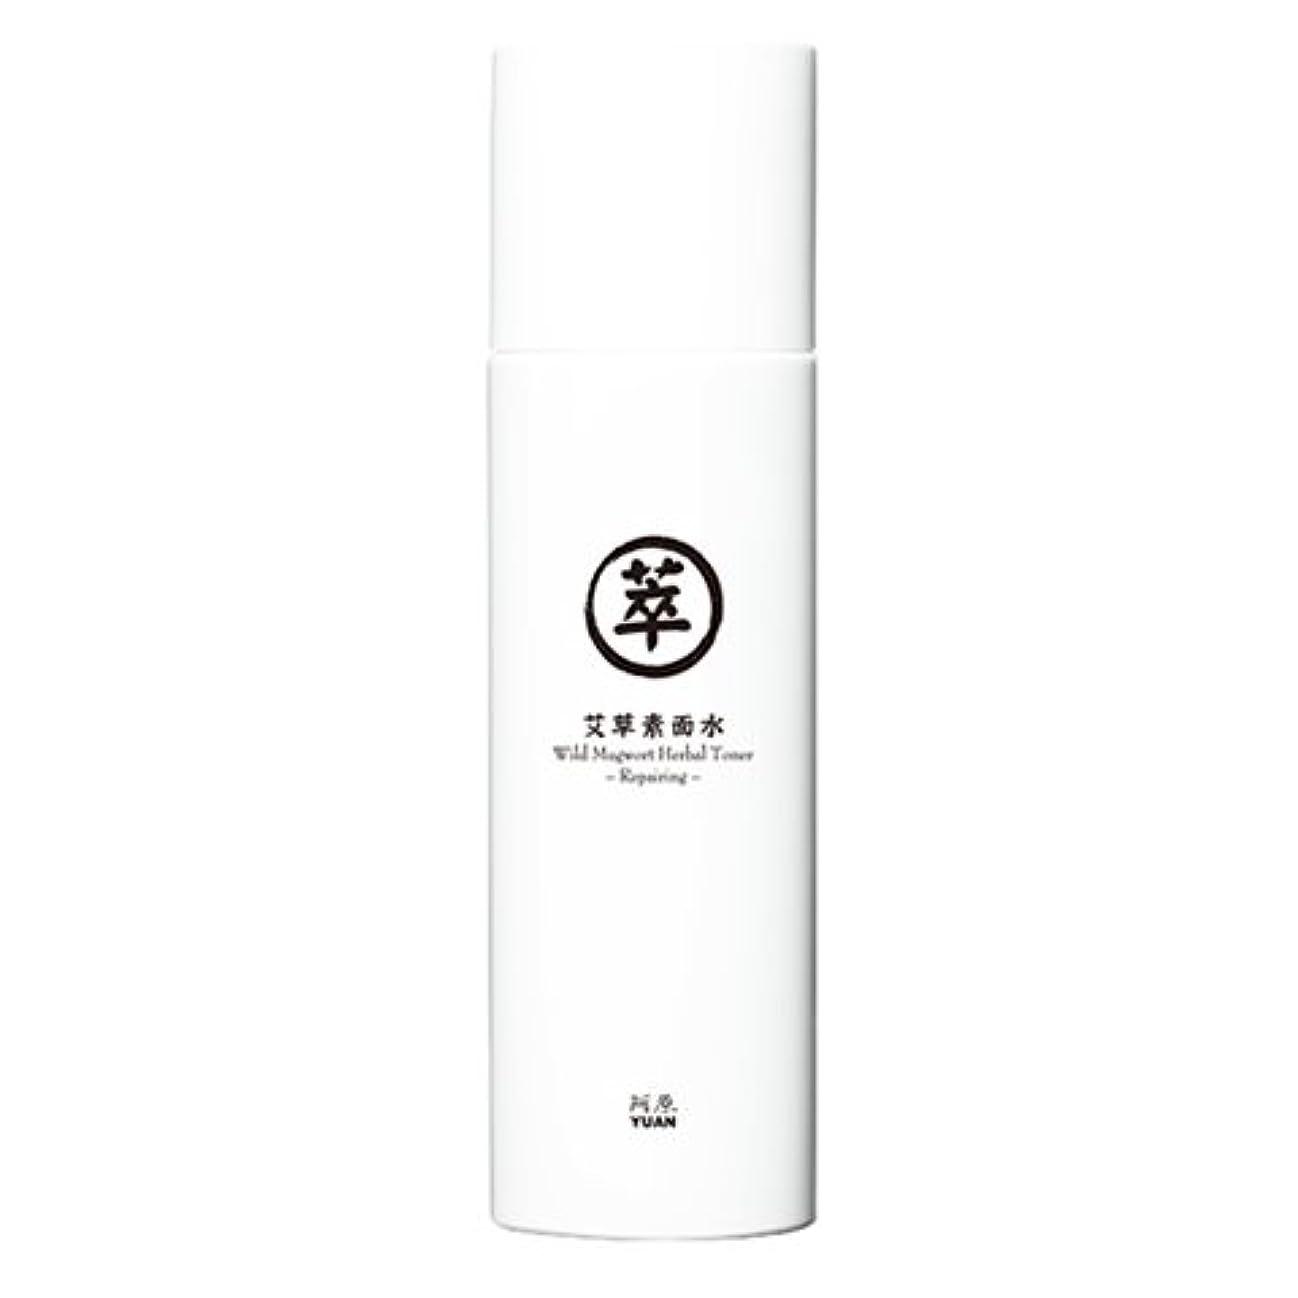 突然単なる持っているユアン(YUAN)ヨモギ化粧水 150ml(阿原 ユアンソープ 台湾コスメ)